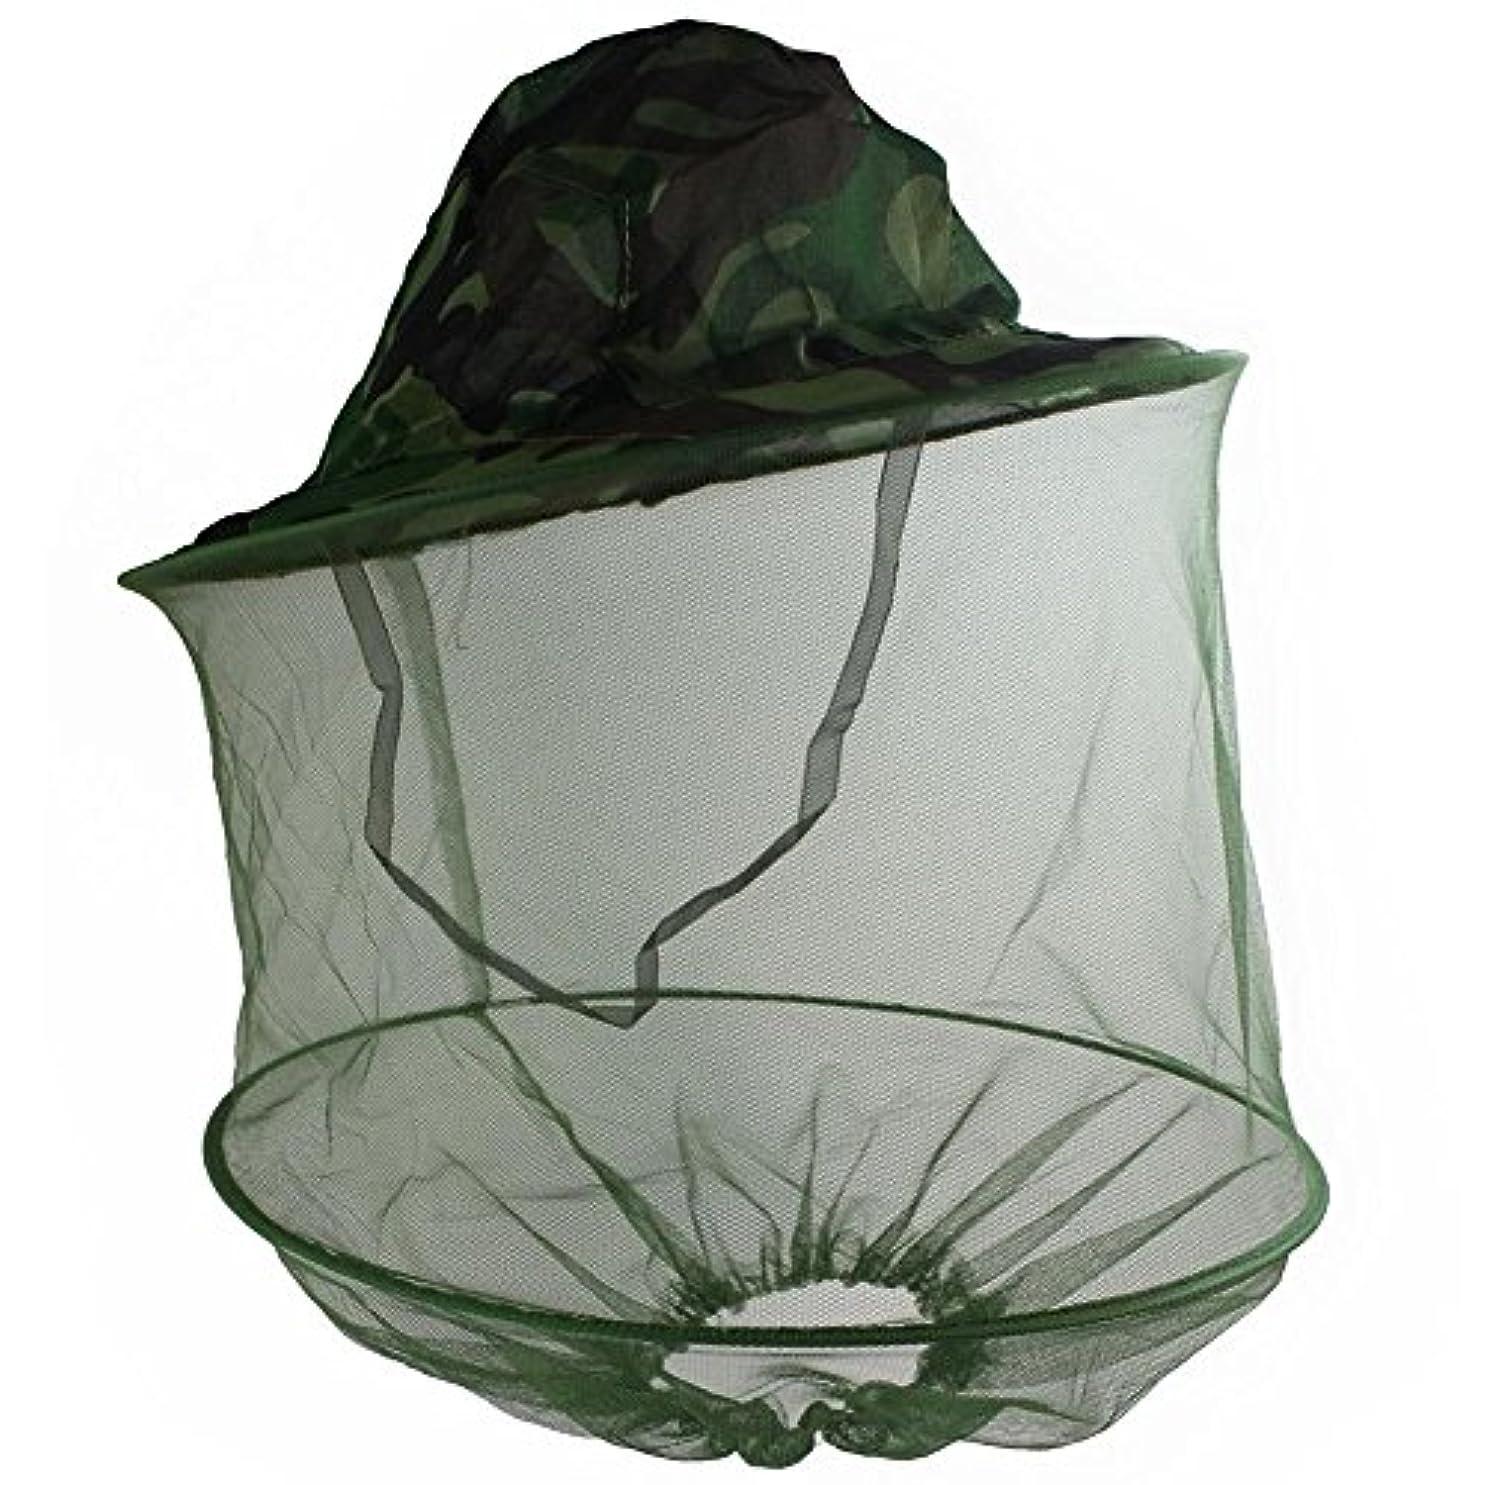 振りかける革命的シネウィHommy 保護帽子 防虫日よけ付き 蚊バグビー虫除け ヘッドフェイスプロテクター 害虫駆除